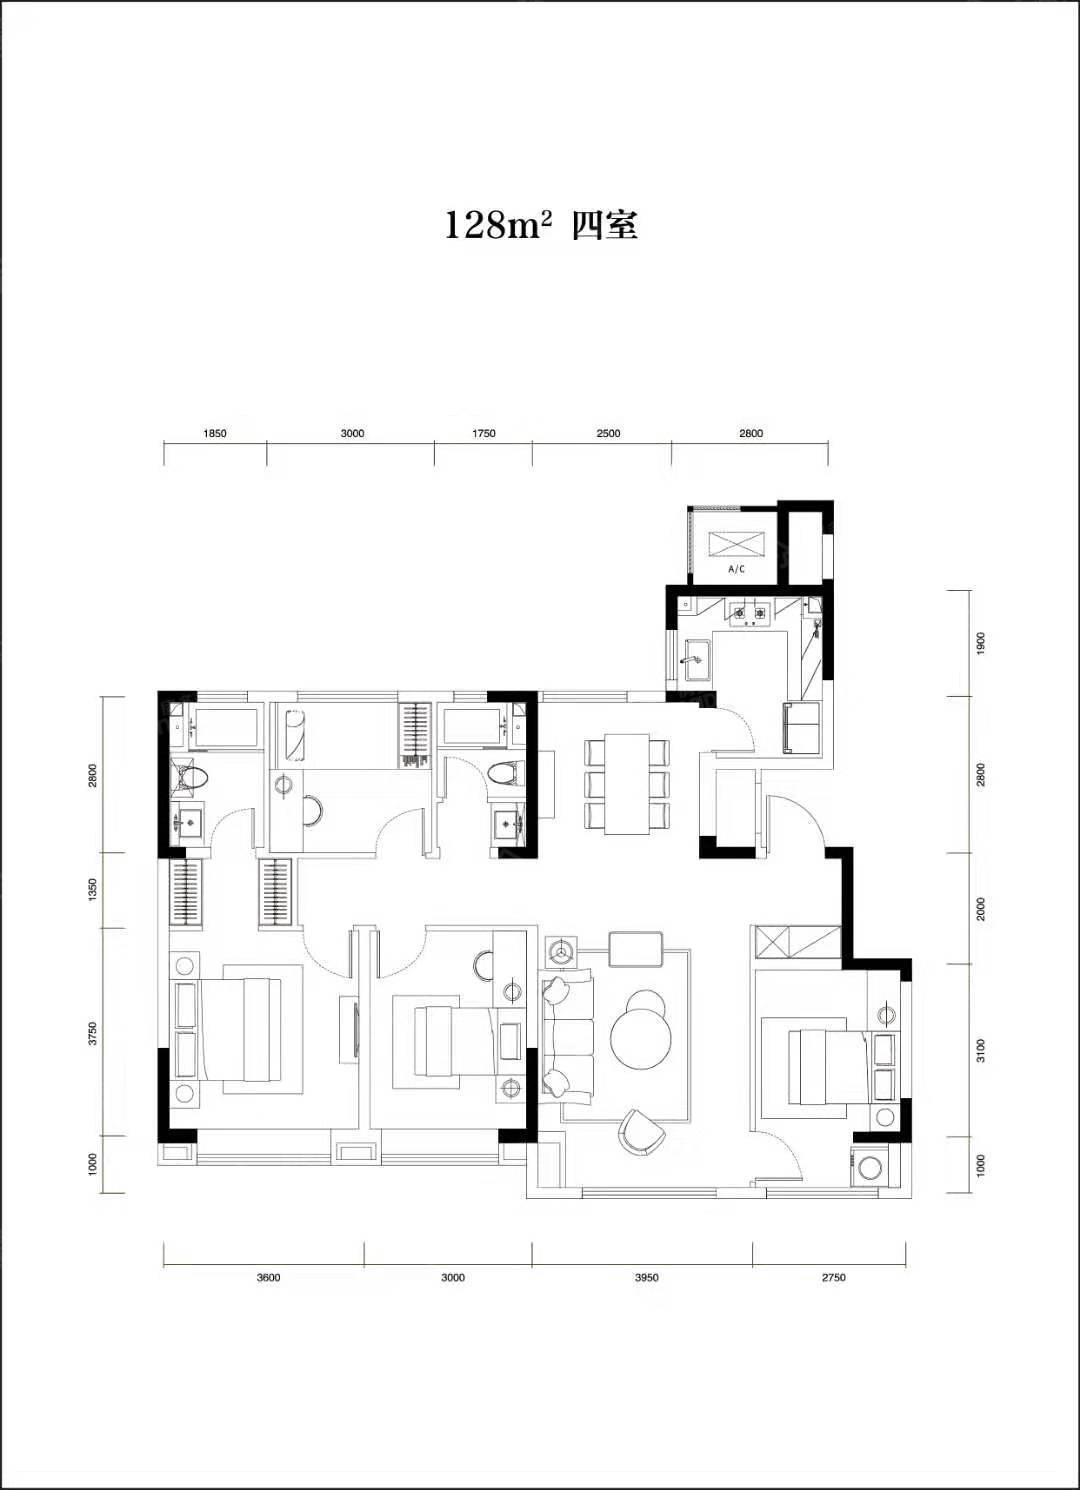 卓越云门4室2厅2卫户型图